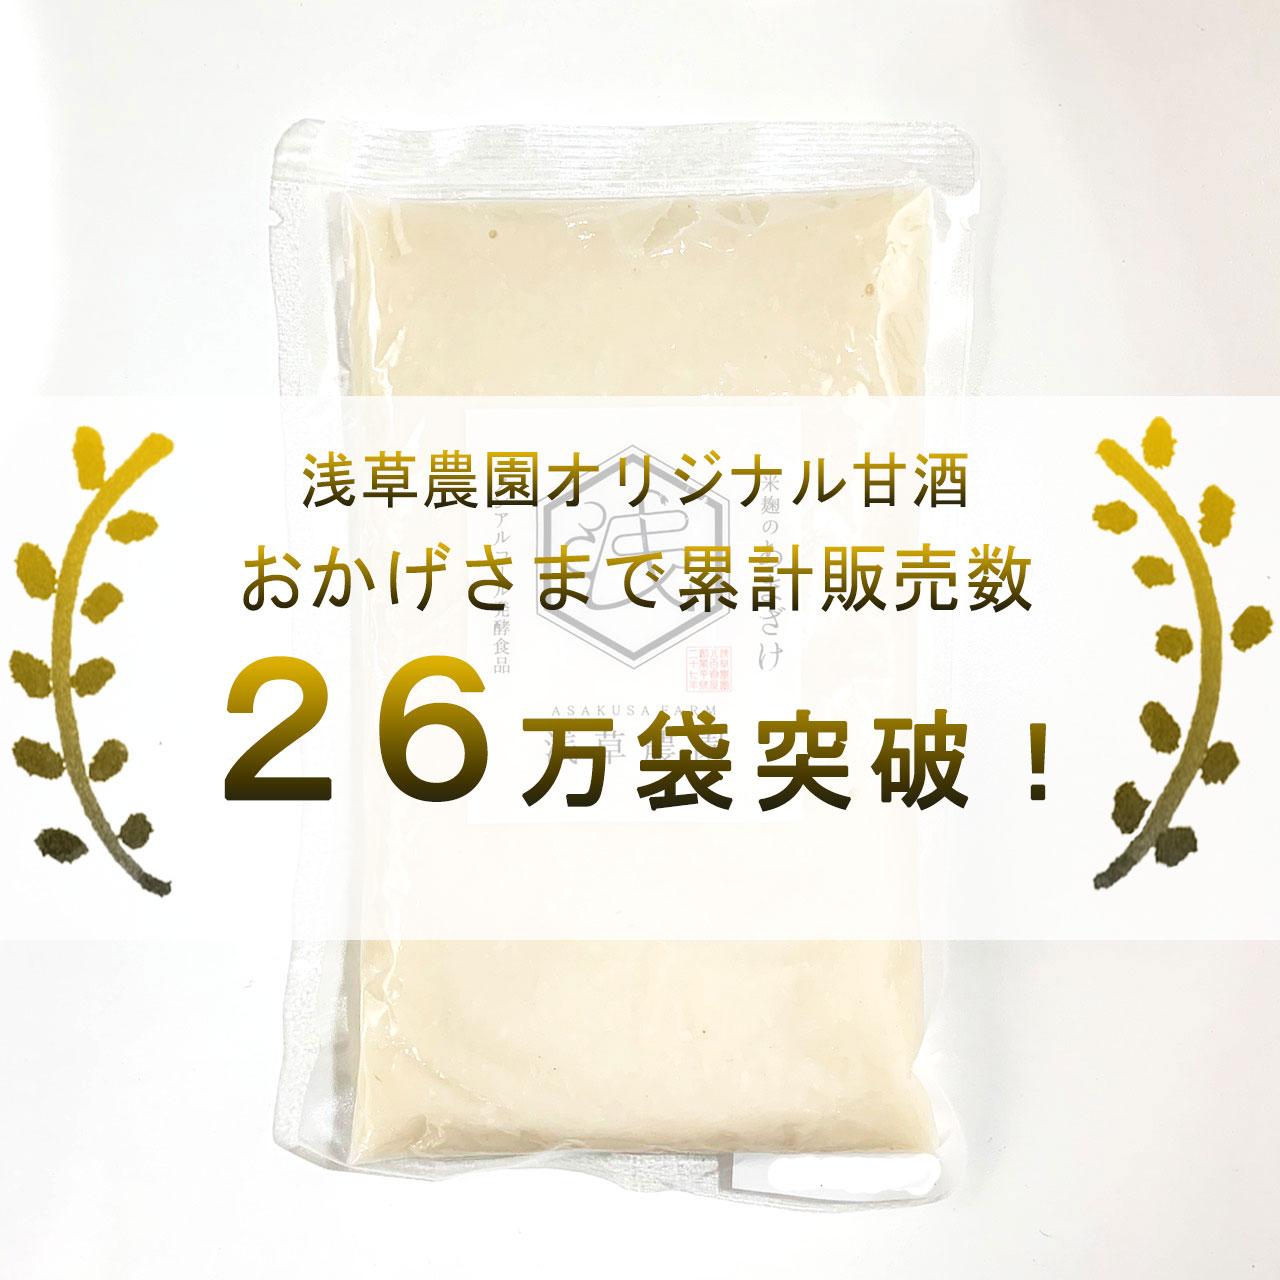 10袋セット まずは無理のない量から 米こうじ甘酒 360g 浅草農園オリジナル